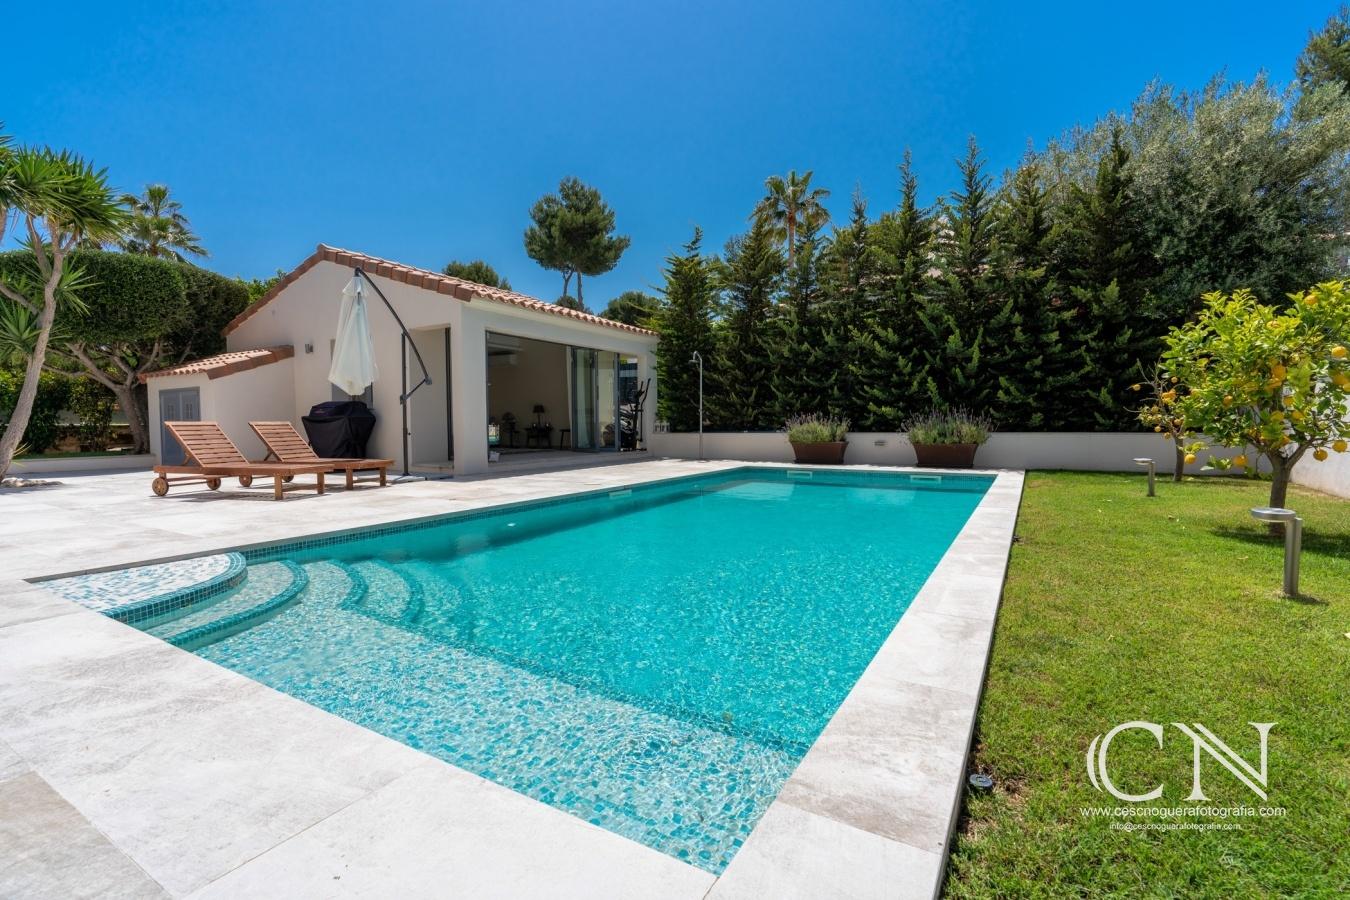 Casa a Santa Ponça - Cesc Noguera Fotografia, Quan la fotografia és una passió.,  Architectural & Interior design photographer / Landscape Photography.